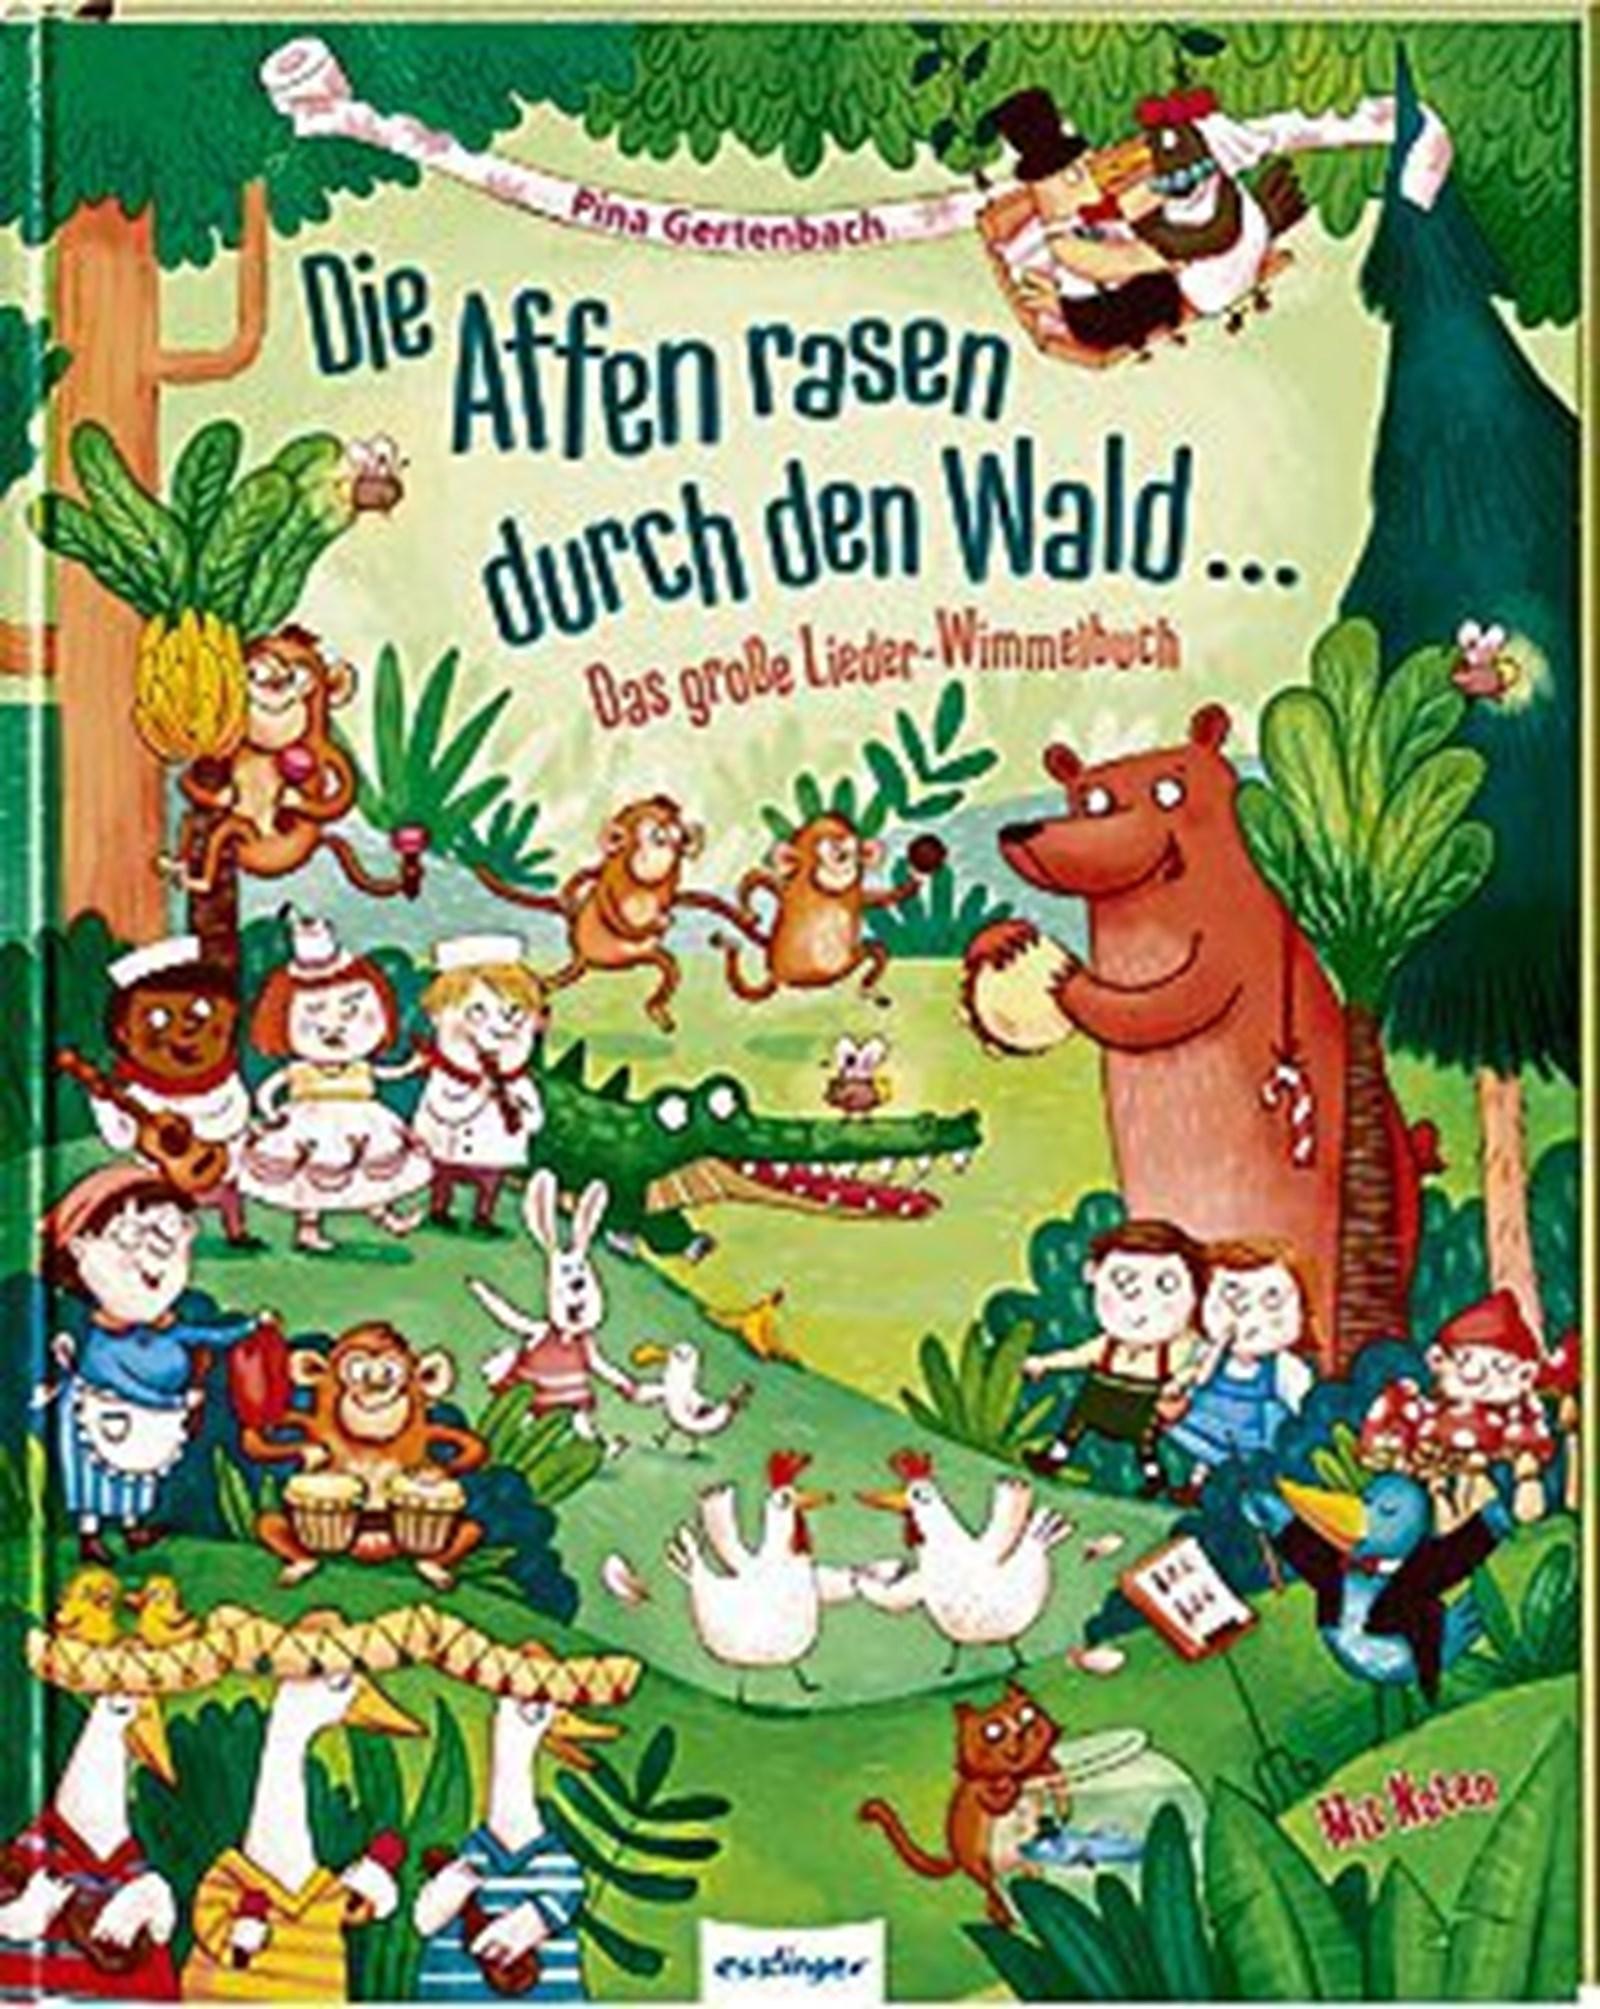 Wilde Affen: Lieder- und Wimmelbuch in einem